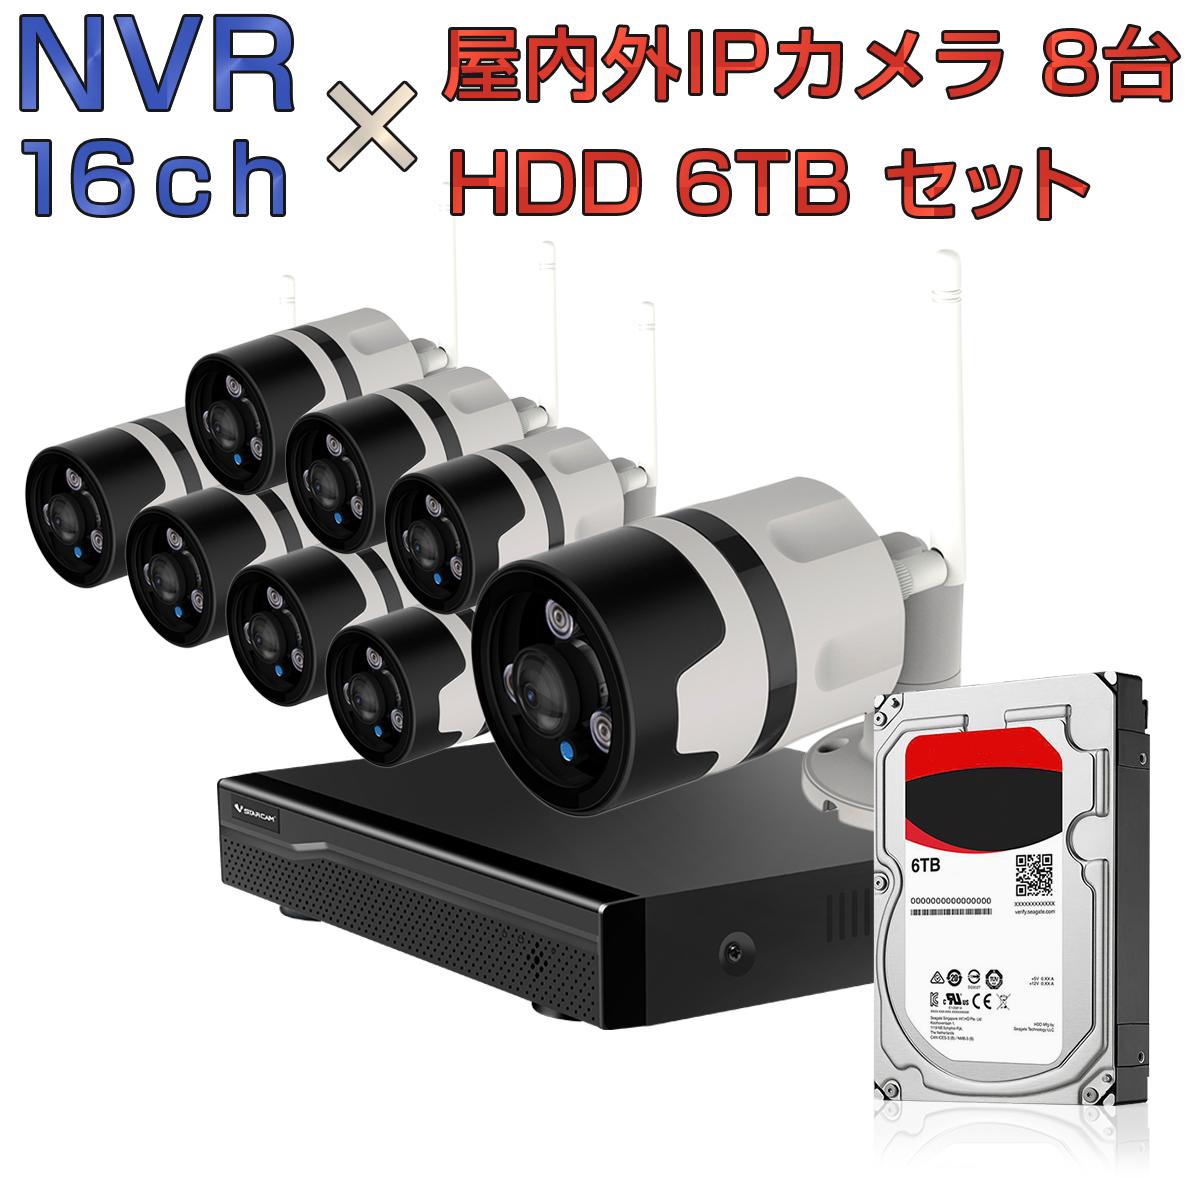 NVR ネットワークビデオレコーダー 16ch HDD6TB内蔵 C63S 2K 1080P 200万画素カメラ 8台セット IP ONVIF形式 スマホ対応 遠隔監視 1080P FHD 動体検知 同時出力 録音対応 H.265+ IPカメラレコーダー監視システム 宅配便送料無料 1年保証